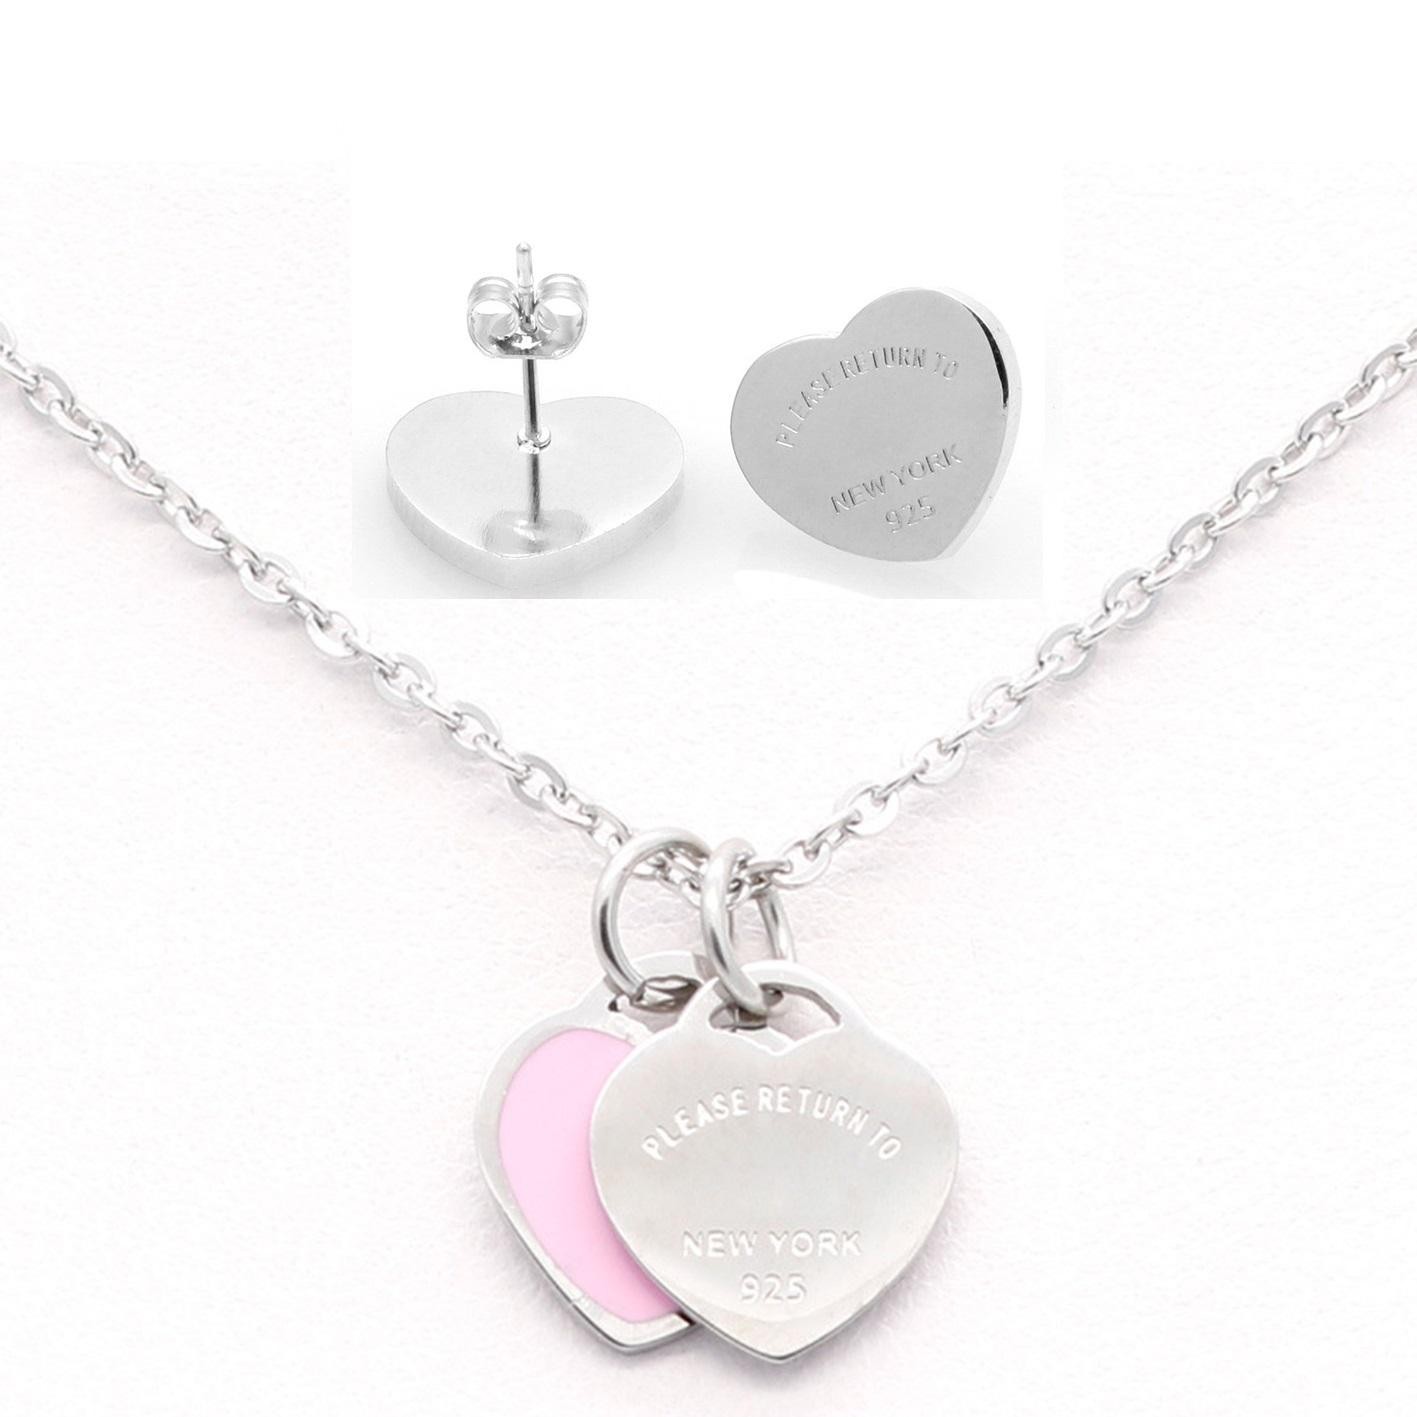 3 stilleri 316L Paslanmaz Çelik Çift Kalp Küpe Kolye Lütfen New York'a dönmek için 925 Harfler Kolye Düğün Takı seti Kadınlar